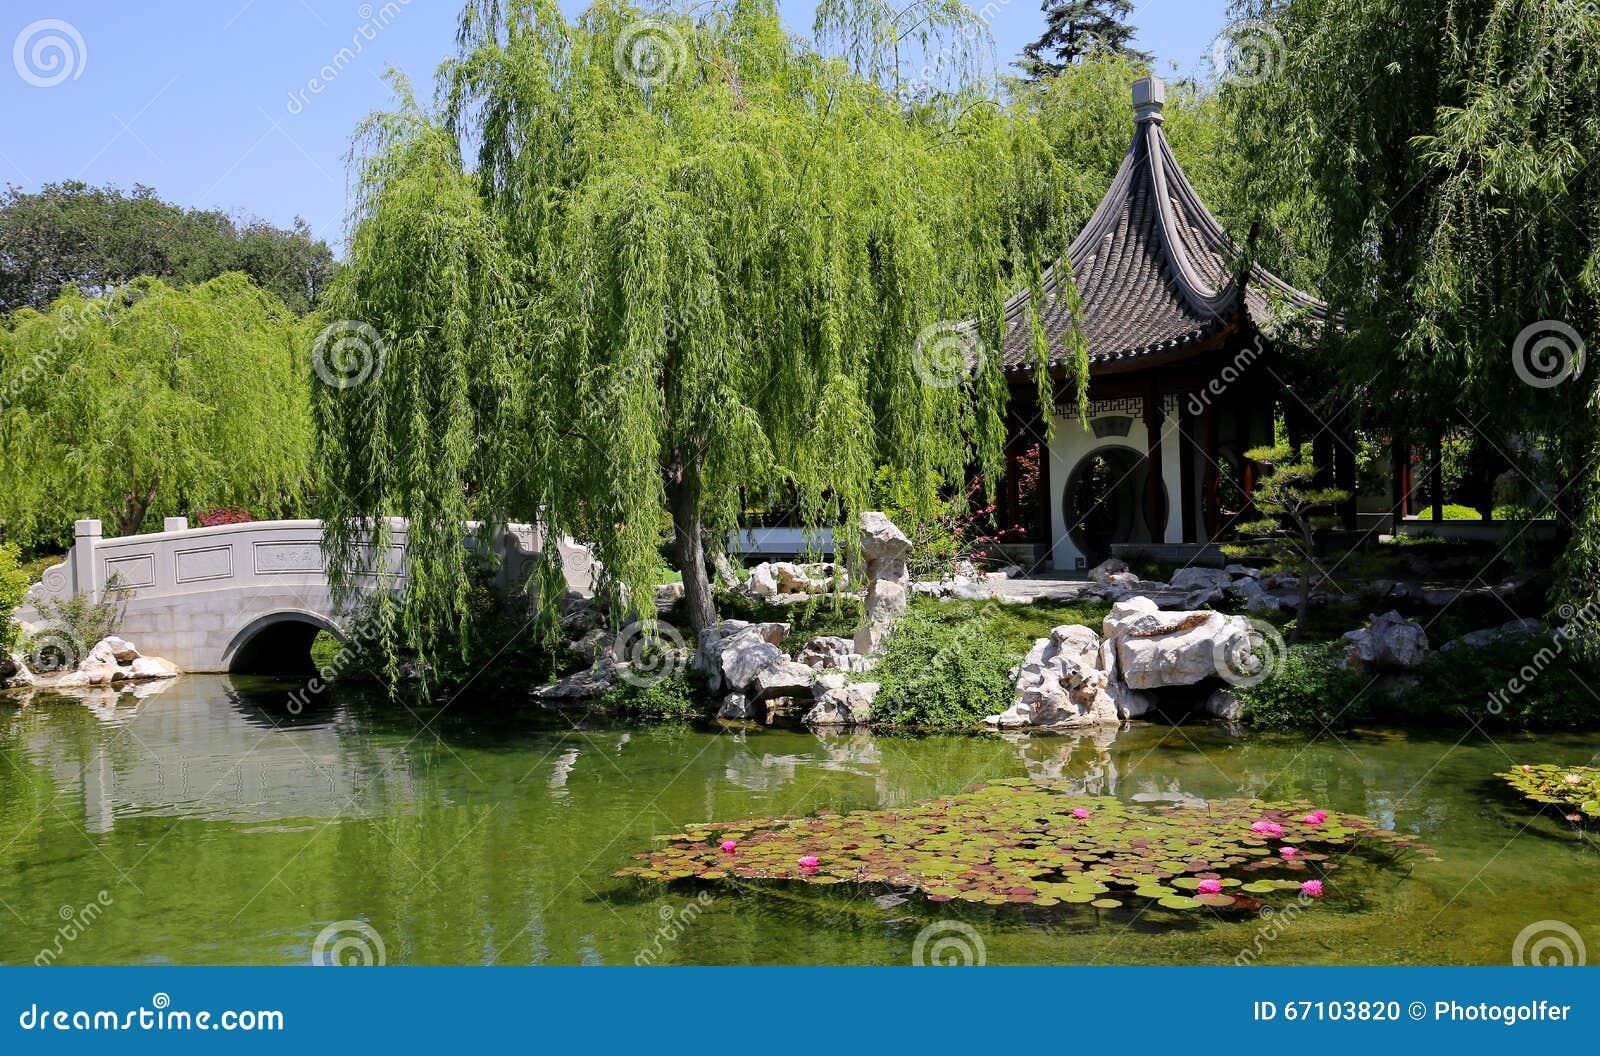 Arbres et fleurs dans un jardin japonais photo stock for Bouddha dans un jardin